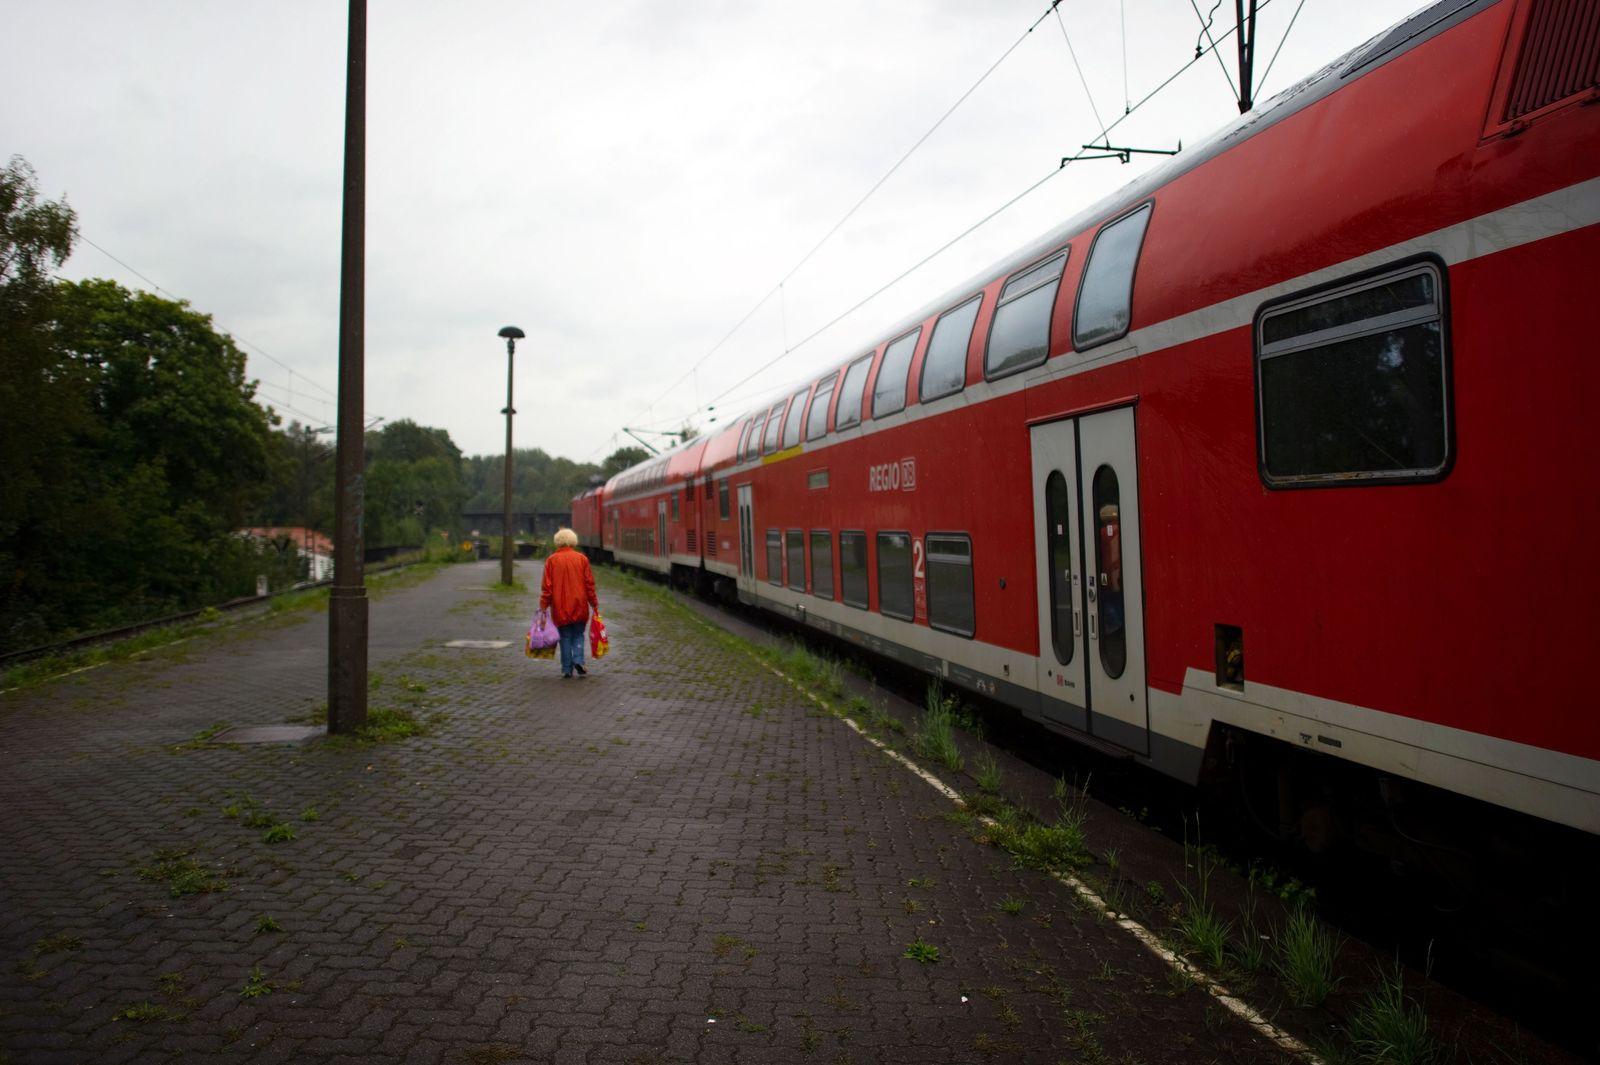 Bahn muss auch an kleinen Stationen über Verspätungen informieren